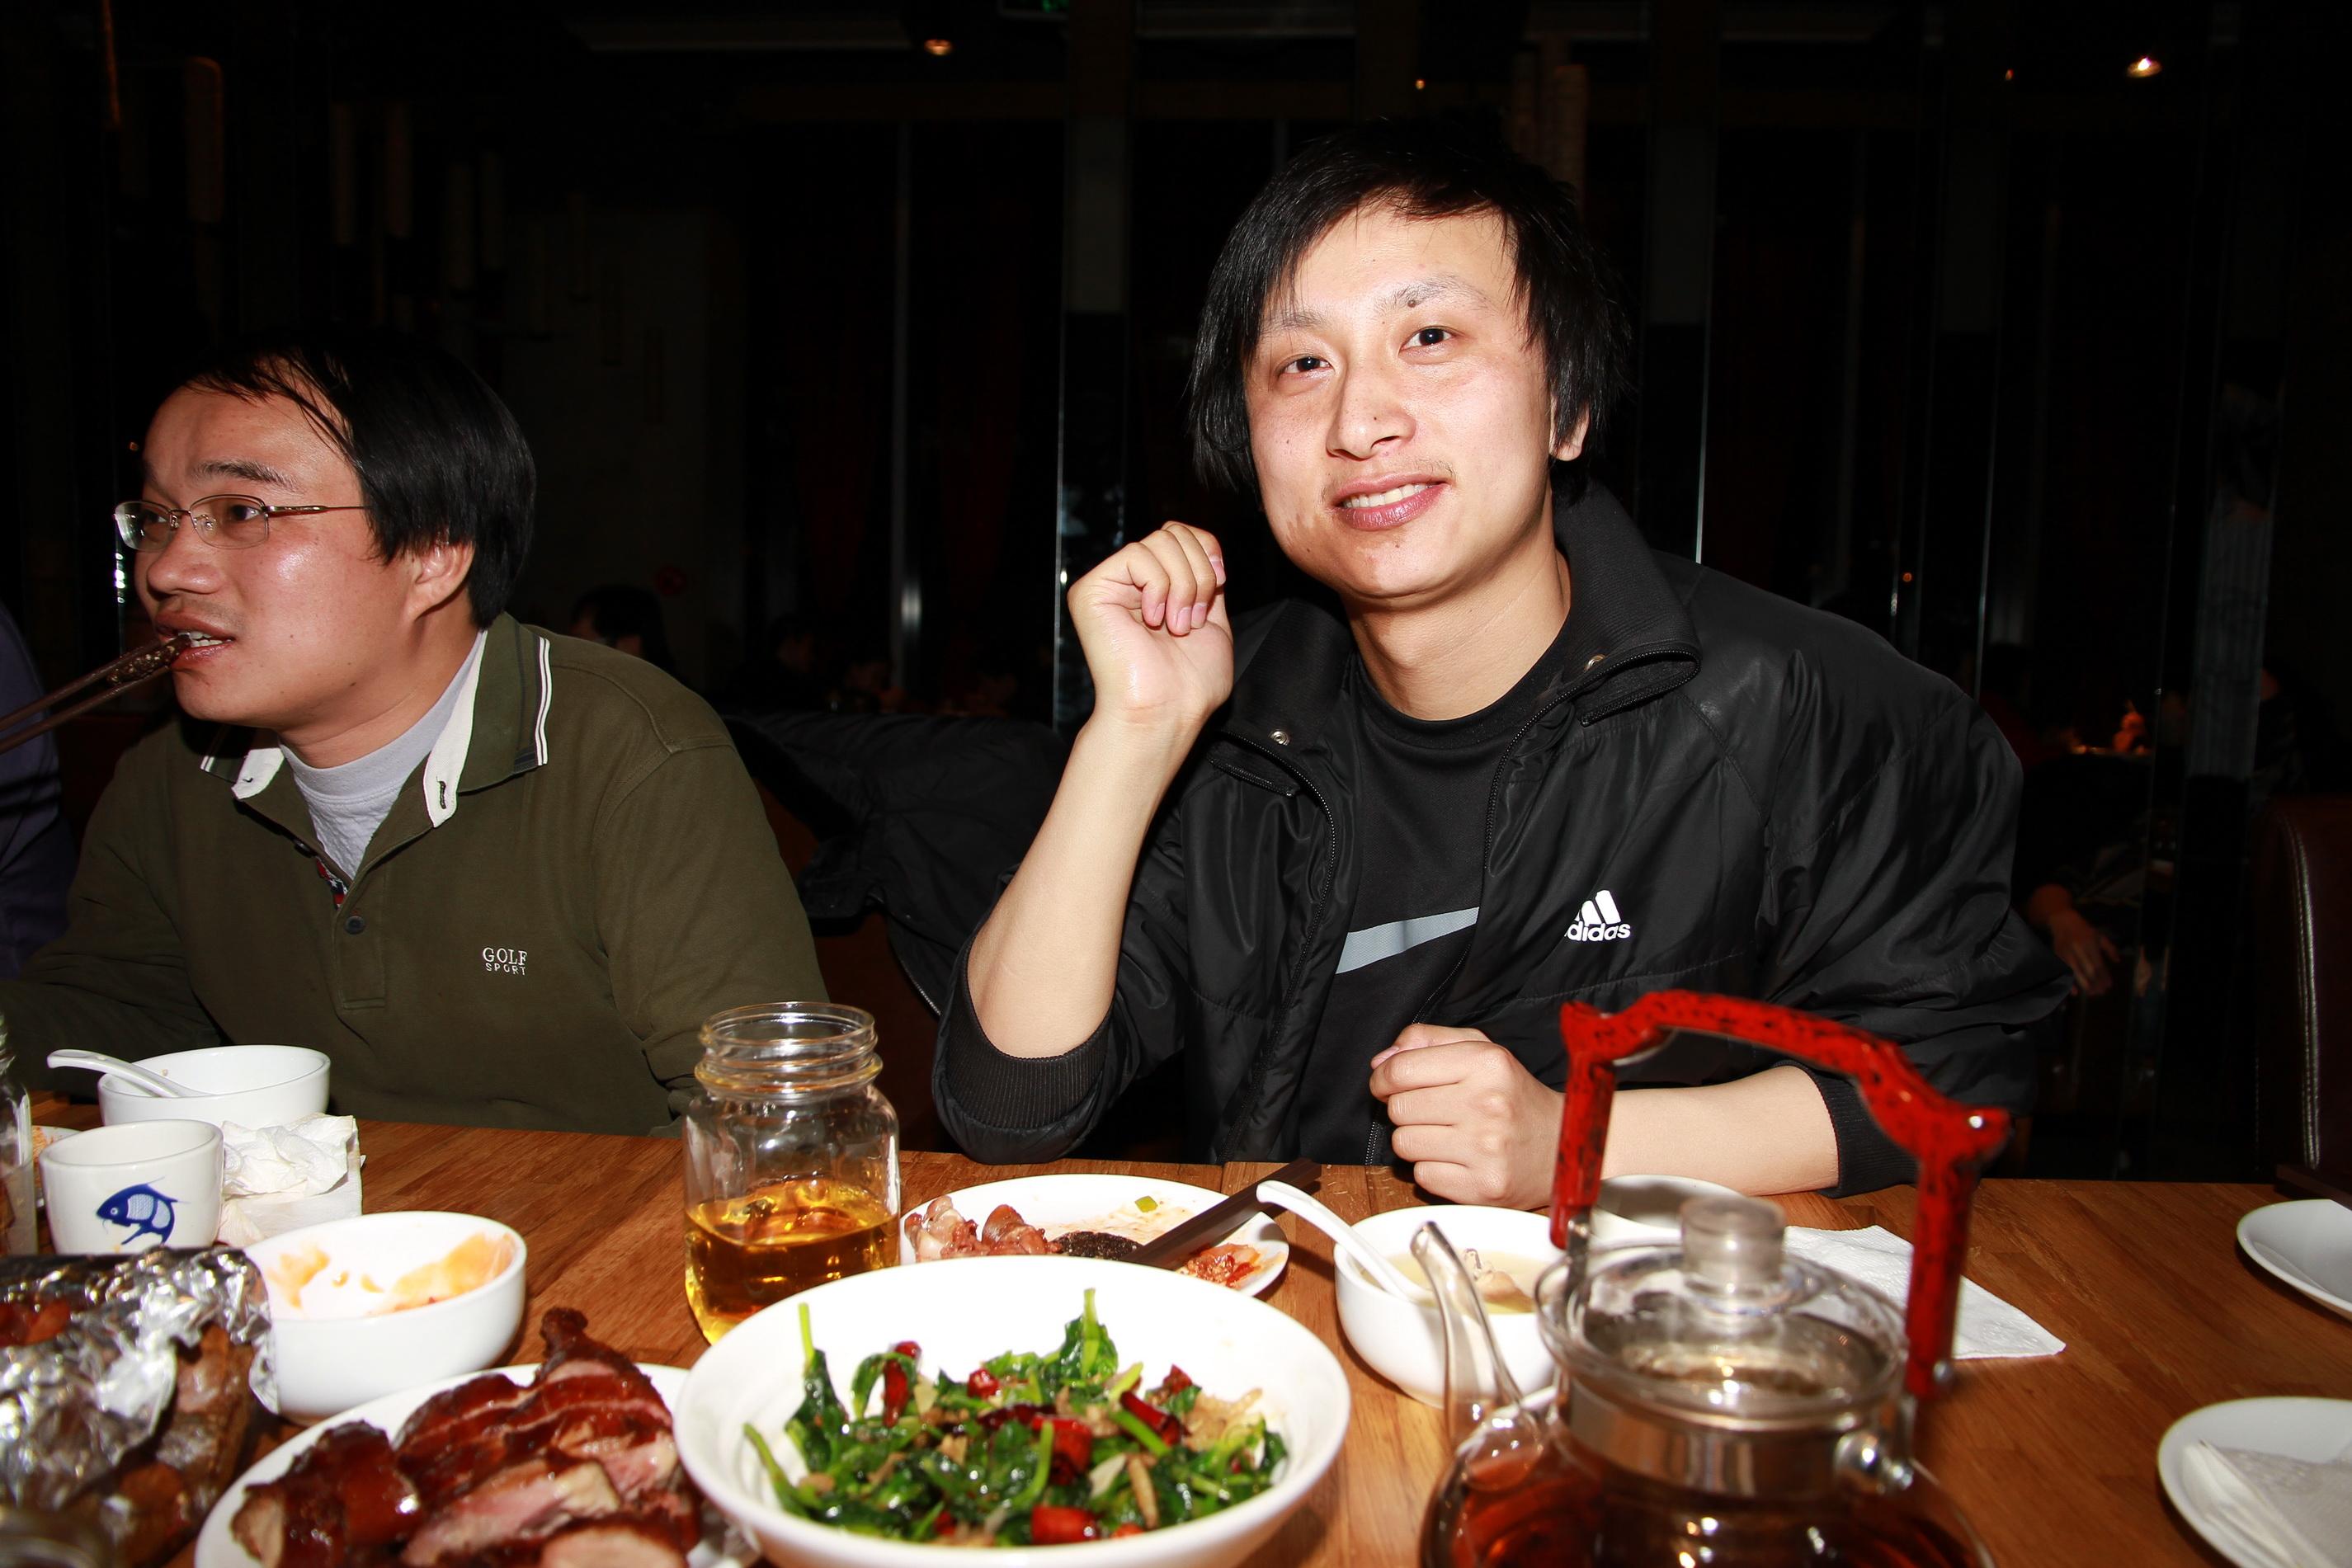 CU400_BeiJing_20100320 (8).JPG